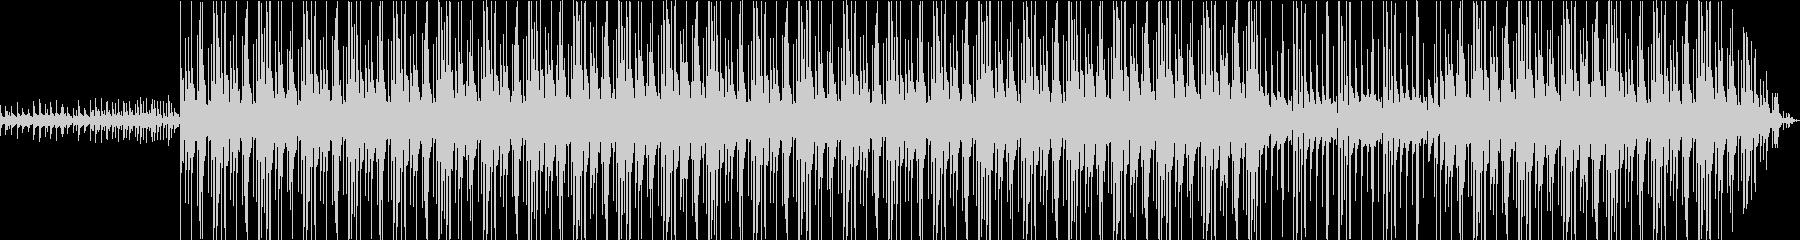 クリスマスBGMの未再生の波形